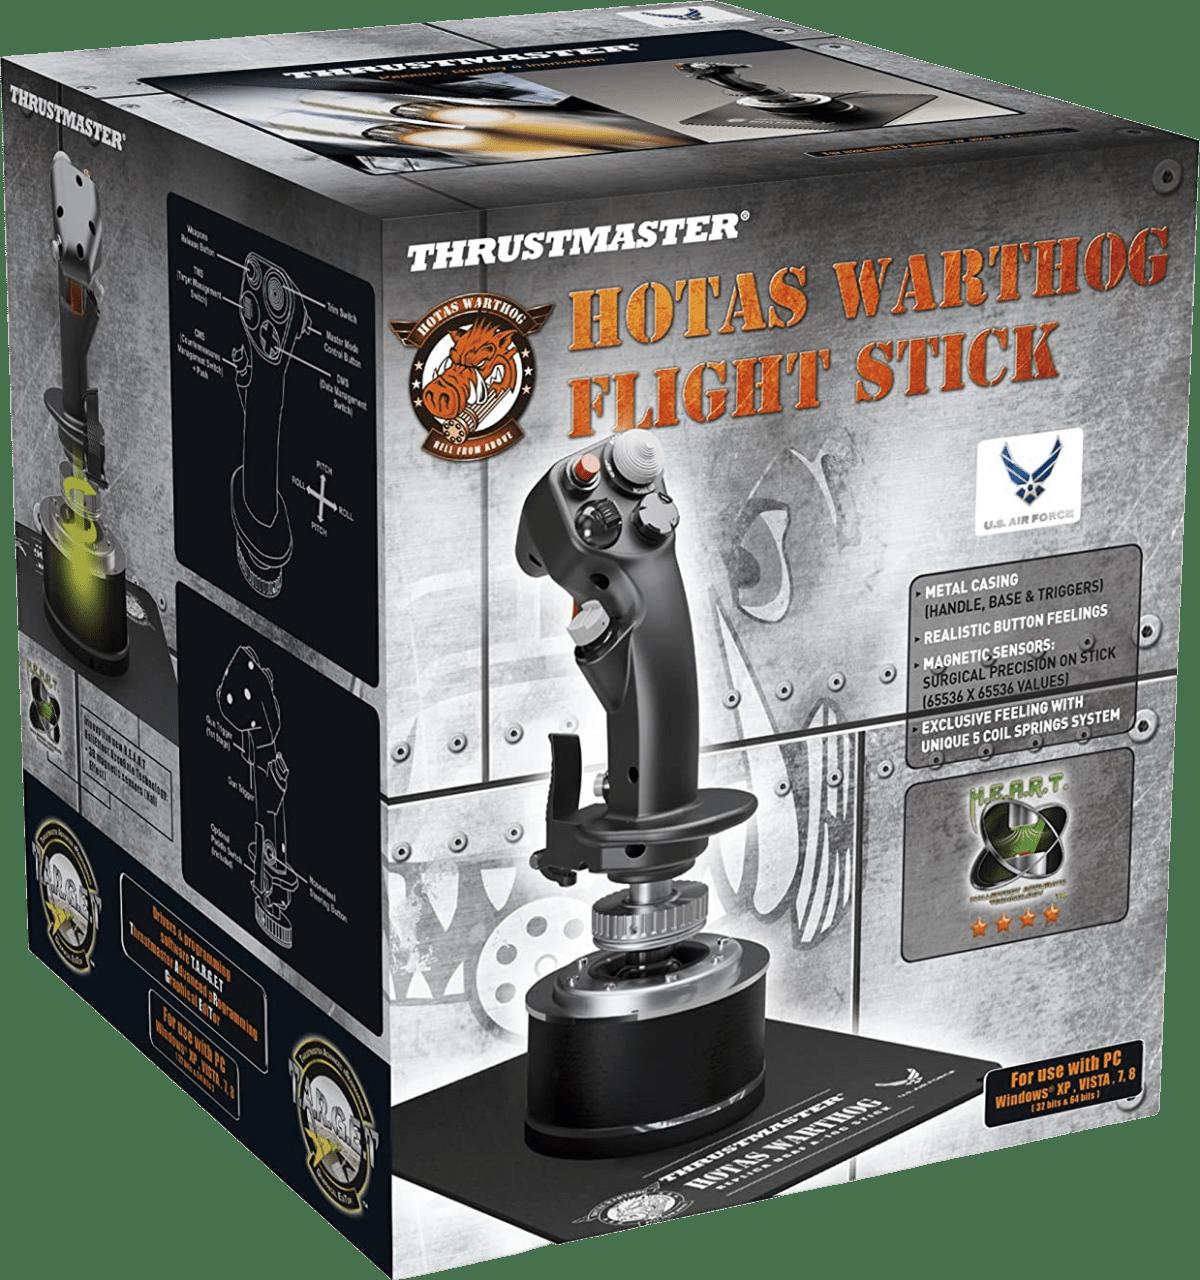 Black Thrustmaster Hotas Warthog Flight Stick.3